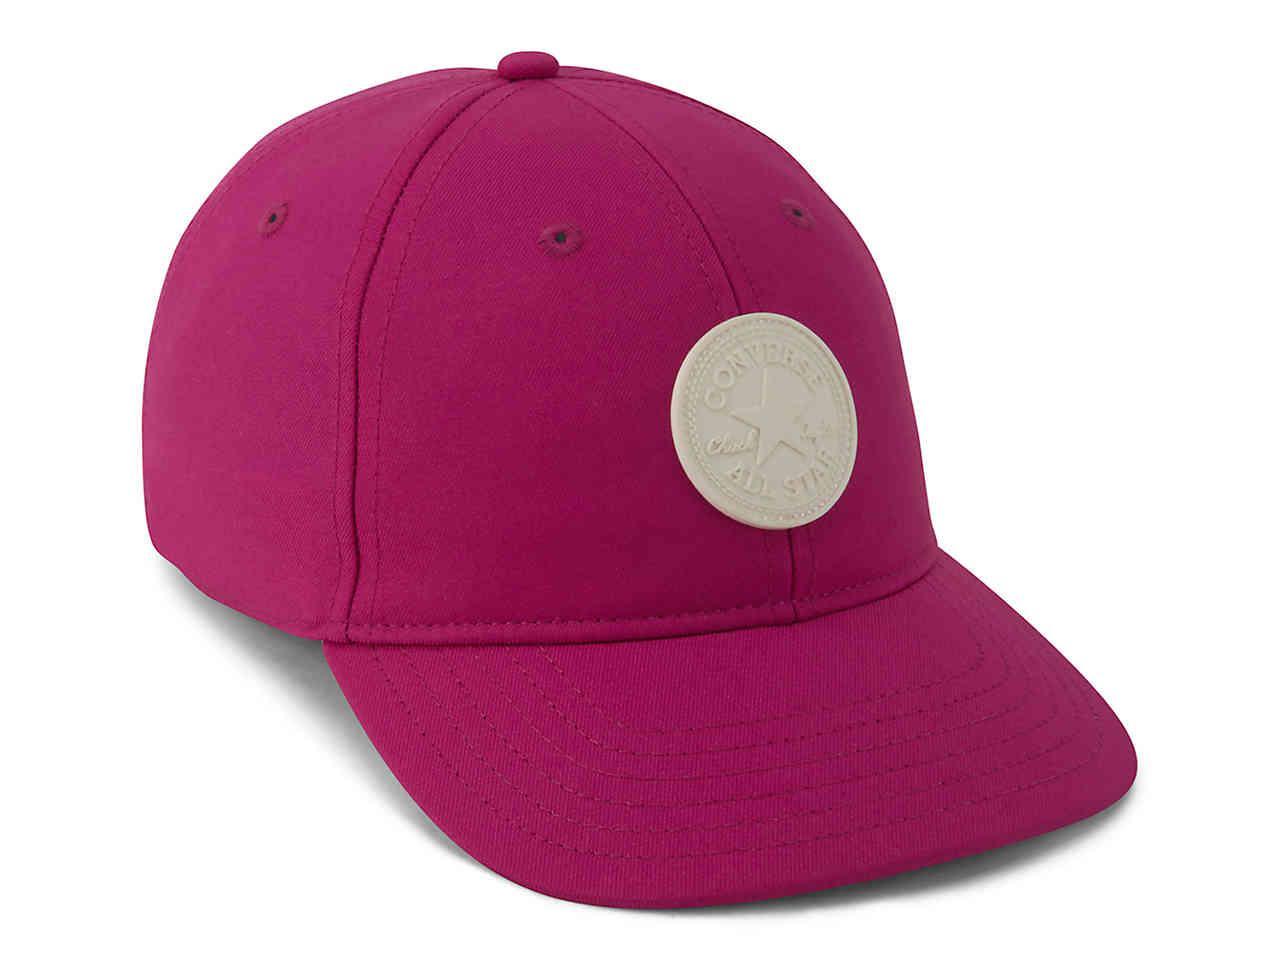 Lyst - Converse Con429 Core Baseball Cap in Purple for Men b76096338e2d